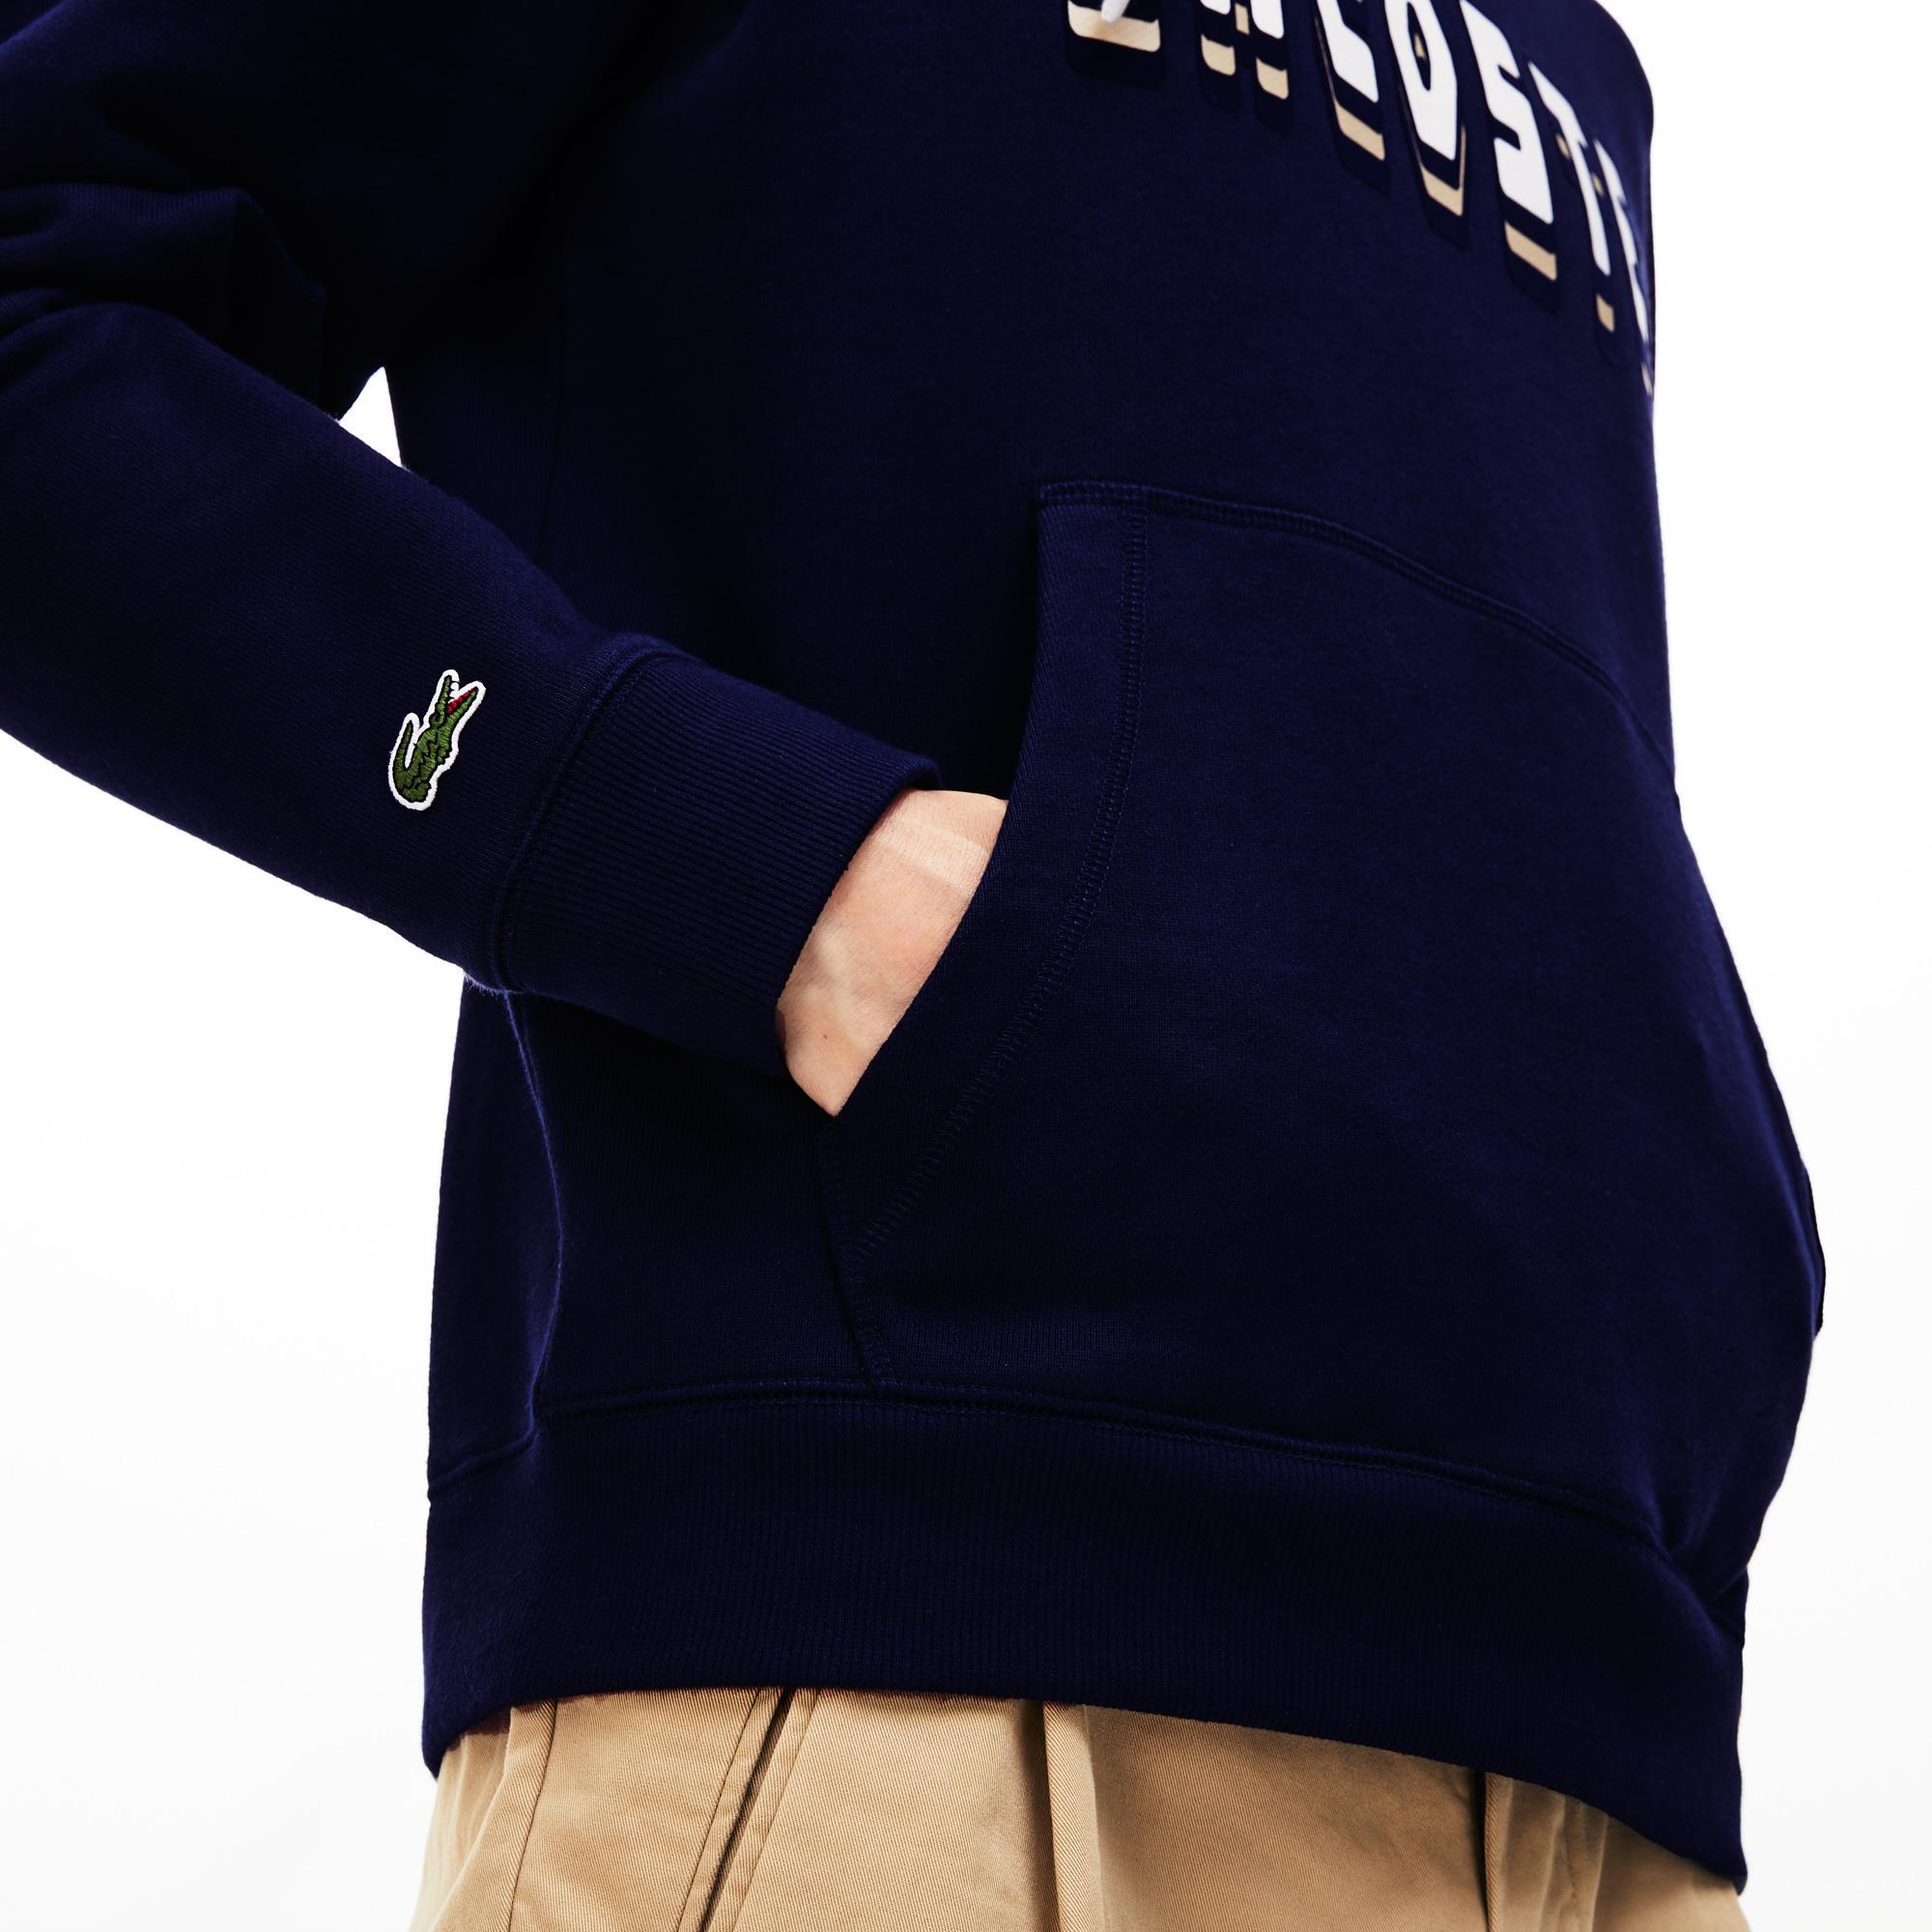 Lacoste Erkek Lacoste Baskılı Kapüşonlu Lacivert Sweatshirt